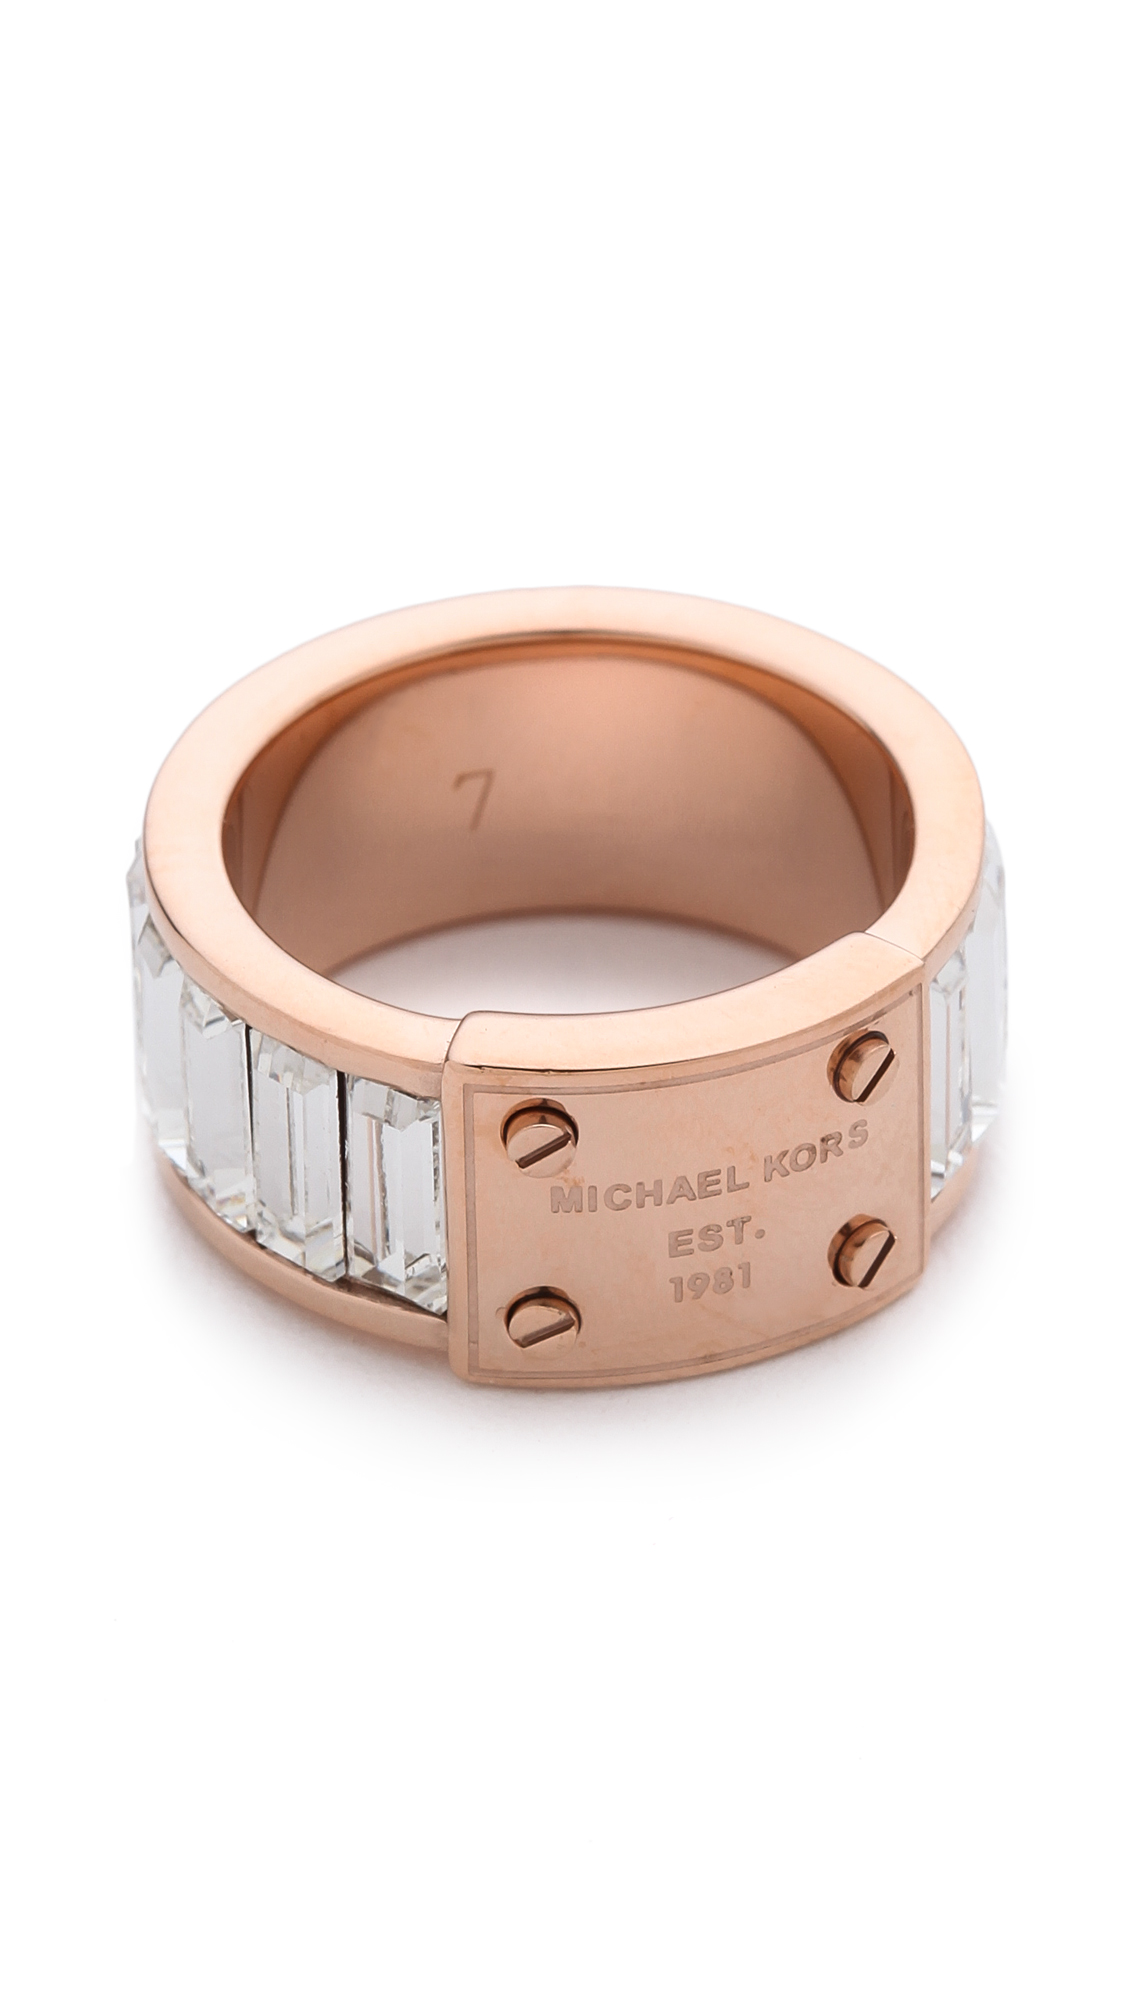 michael kors baguette plaque ring in pink rose gold clear lyst. Black Bedroom Furniture Sets. Home Design Ideas